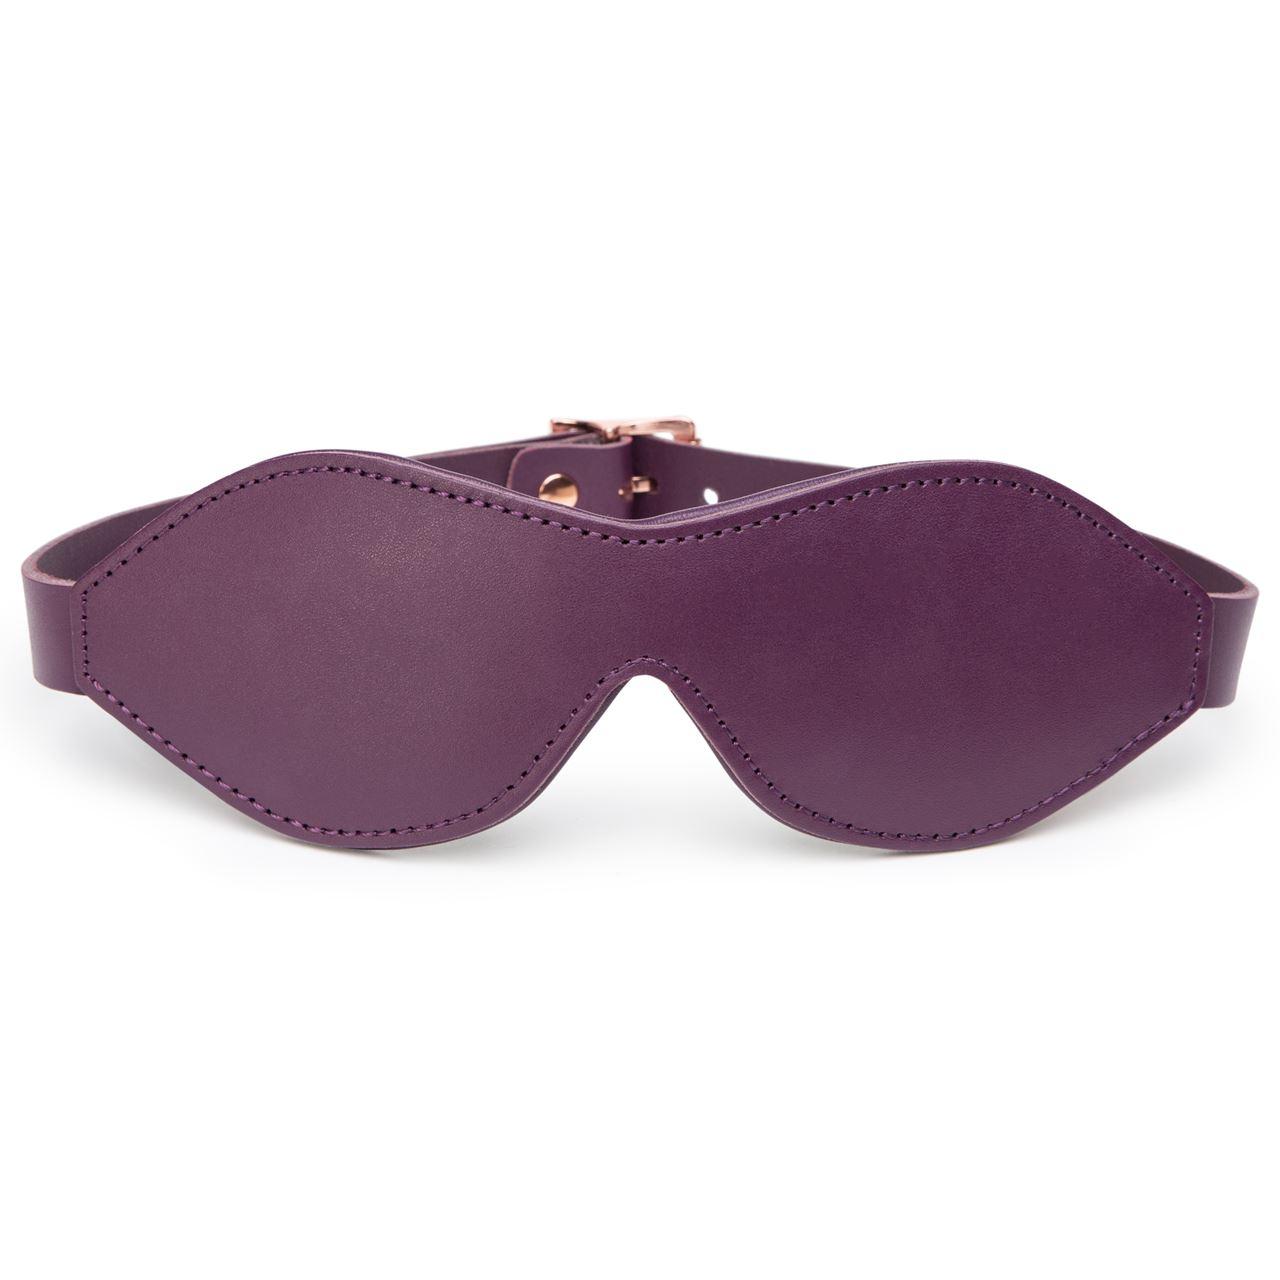 0015254_fifty-shades-freed-cherished-collection-leather-blindfold_poggokiho64ysffj.jpeg